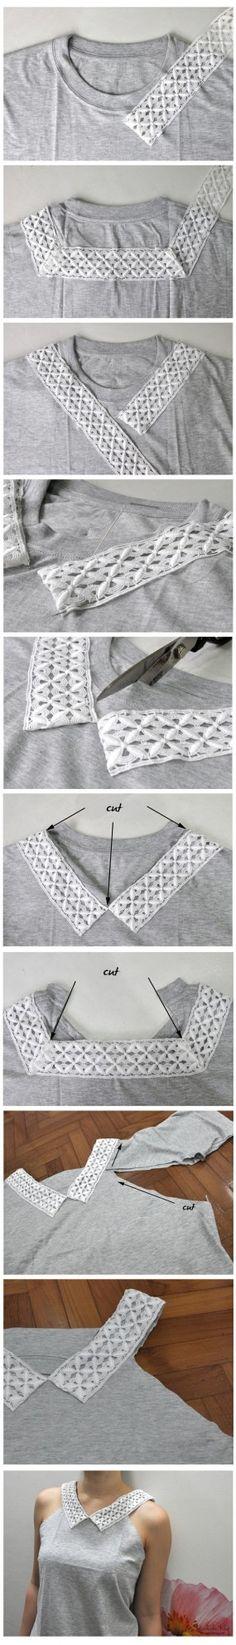 Zo is je vader's tshirt binnen een mum van tijd hip! #AllesVoor #DIY #tshirt # pimpyourshirt